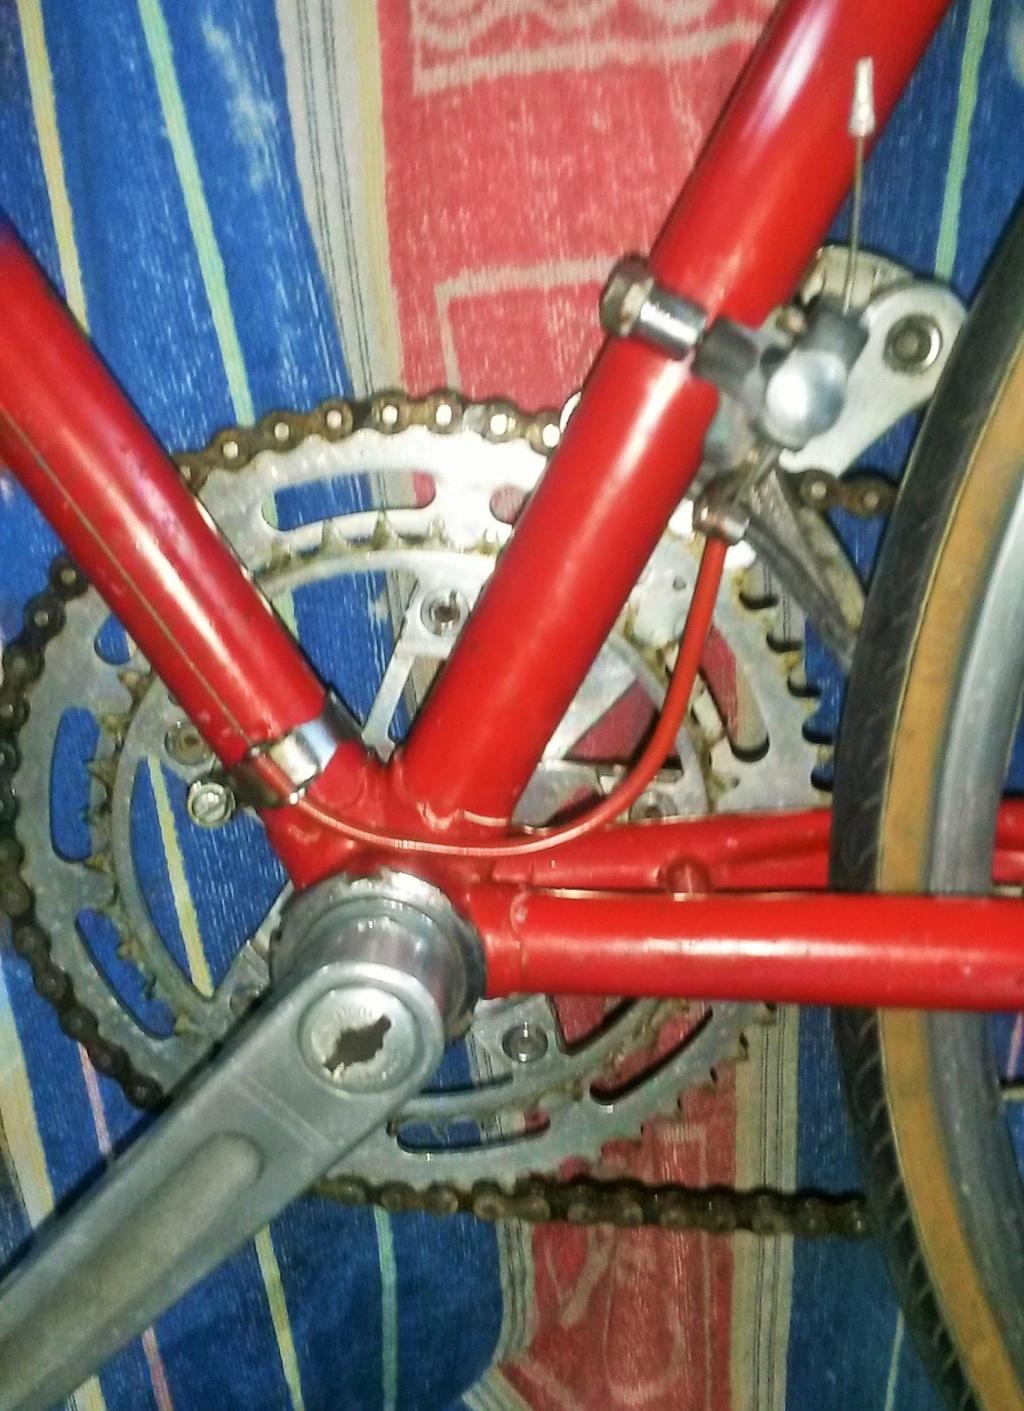 vélo de course a raccord NERVEX 1970 -75 00436